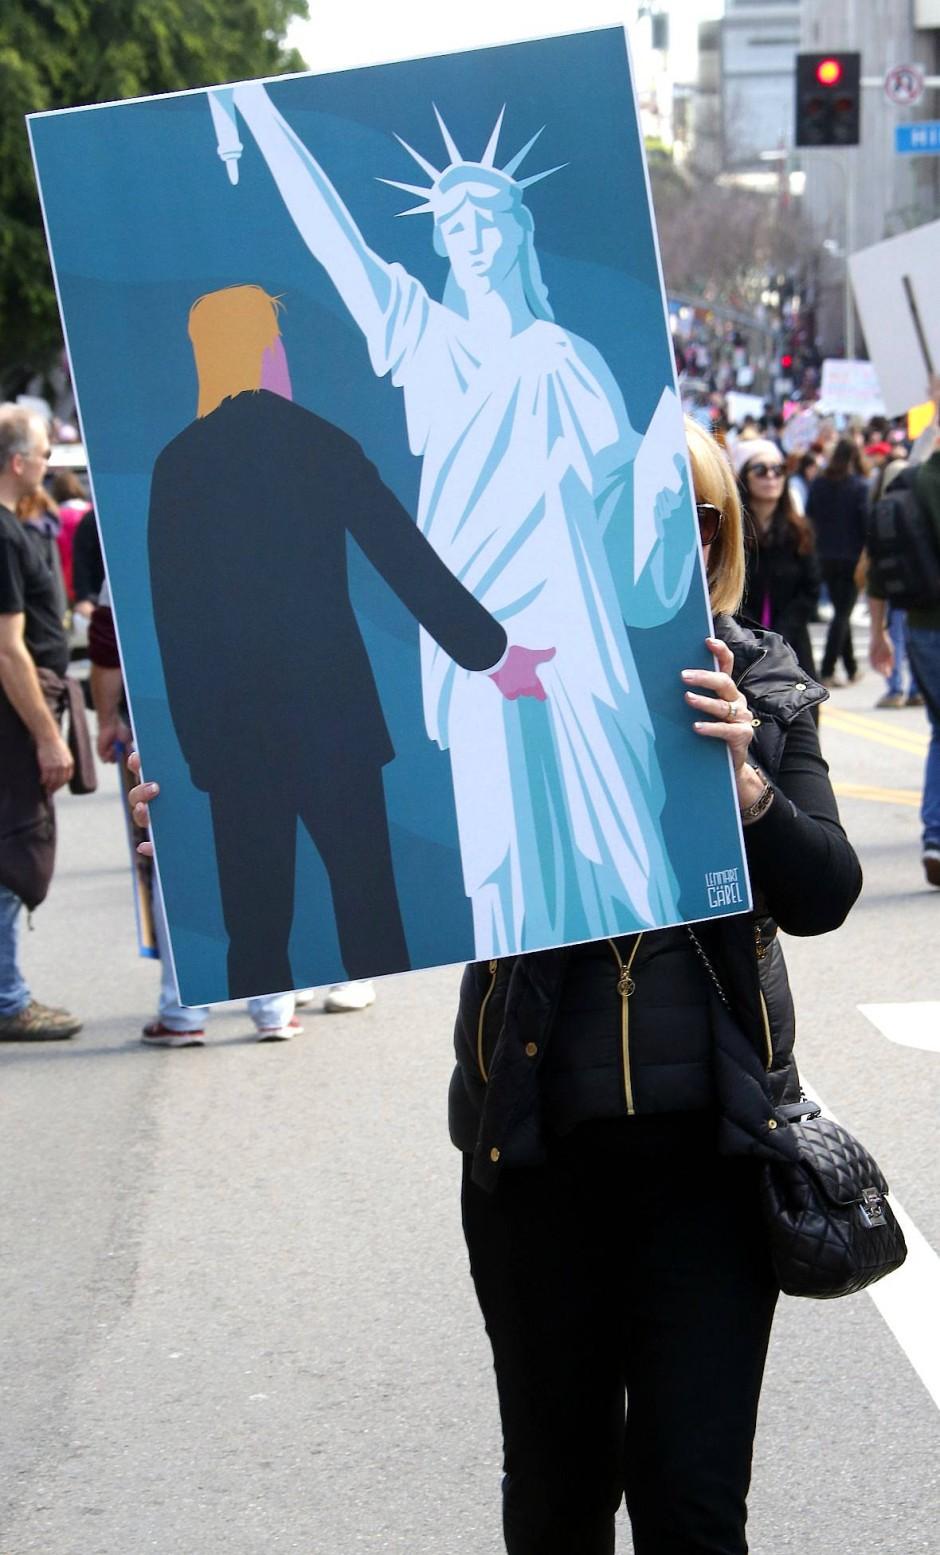 """Woman's March in Los Angeles: """"Wenn Männern wieder und wieder und wieder eingetrichtert werde, wie frauenverachtend und gewalttätig sie seien, könnte sich dies auch zu einer selbsterfüllenden Prophezeiung entwickeln"""", zitiert Hoffmann die Autoren eines """"Fachbuches""""."""